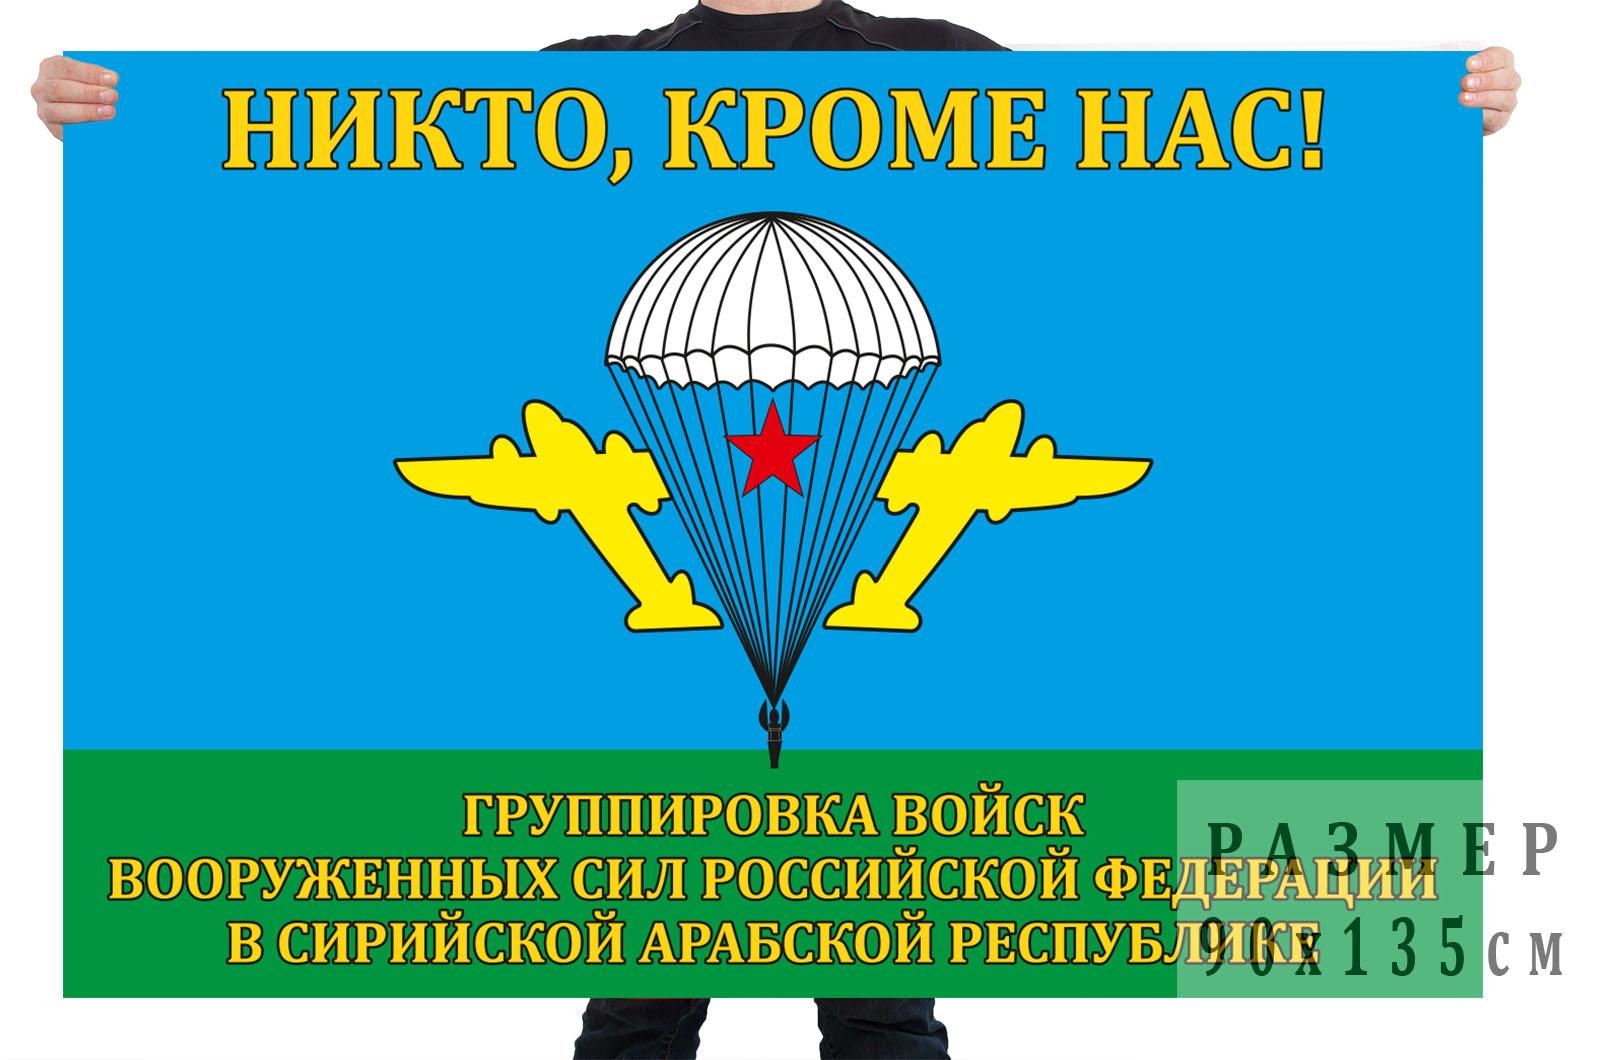 Флаг ВДВ «Никто, кроме нас» группировки ВС РФ в Сирии